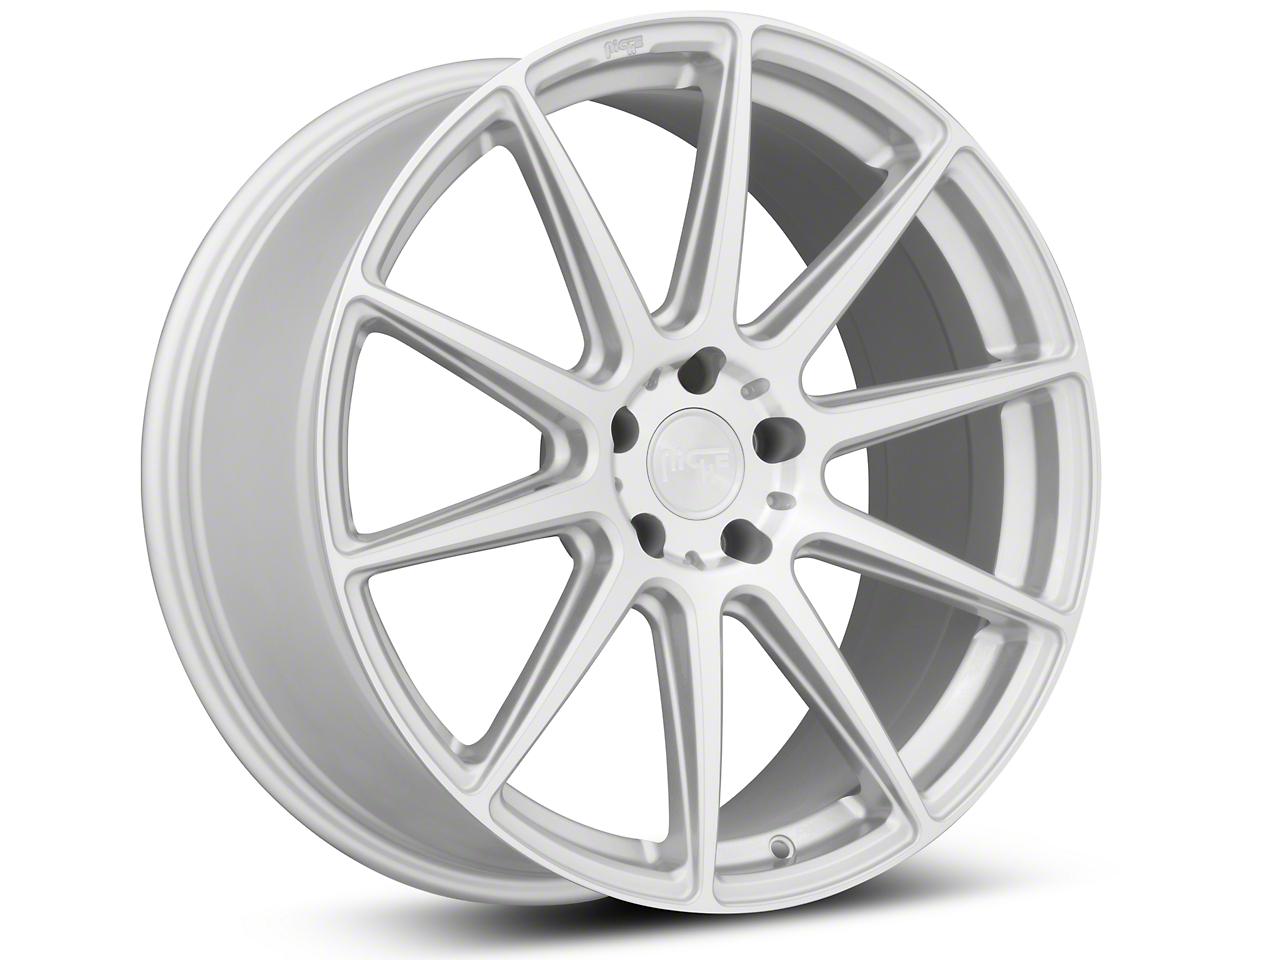 Niche Essen Silver Wheel 20x9 (05-14 All)